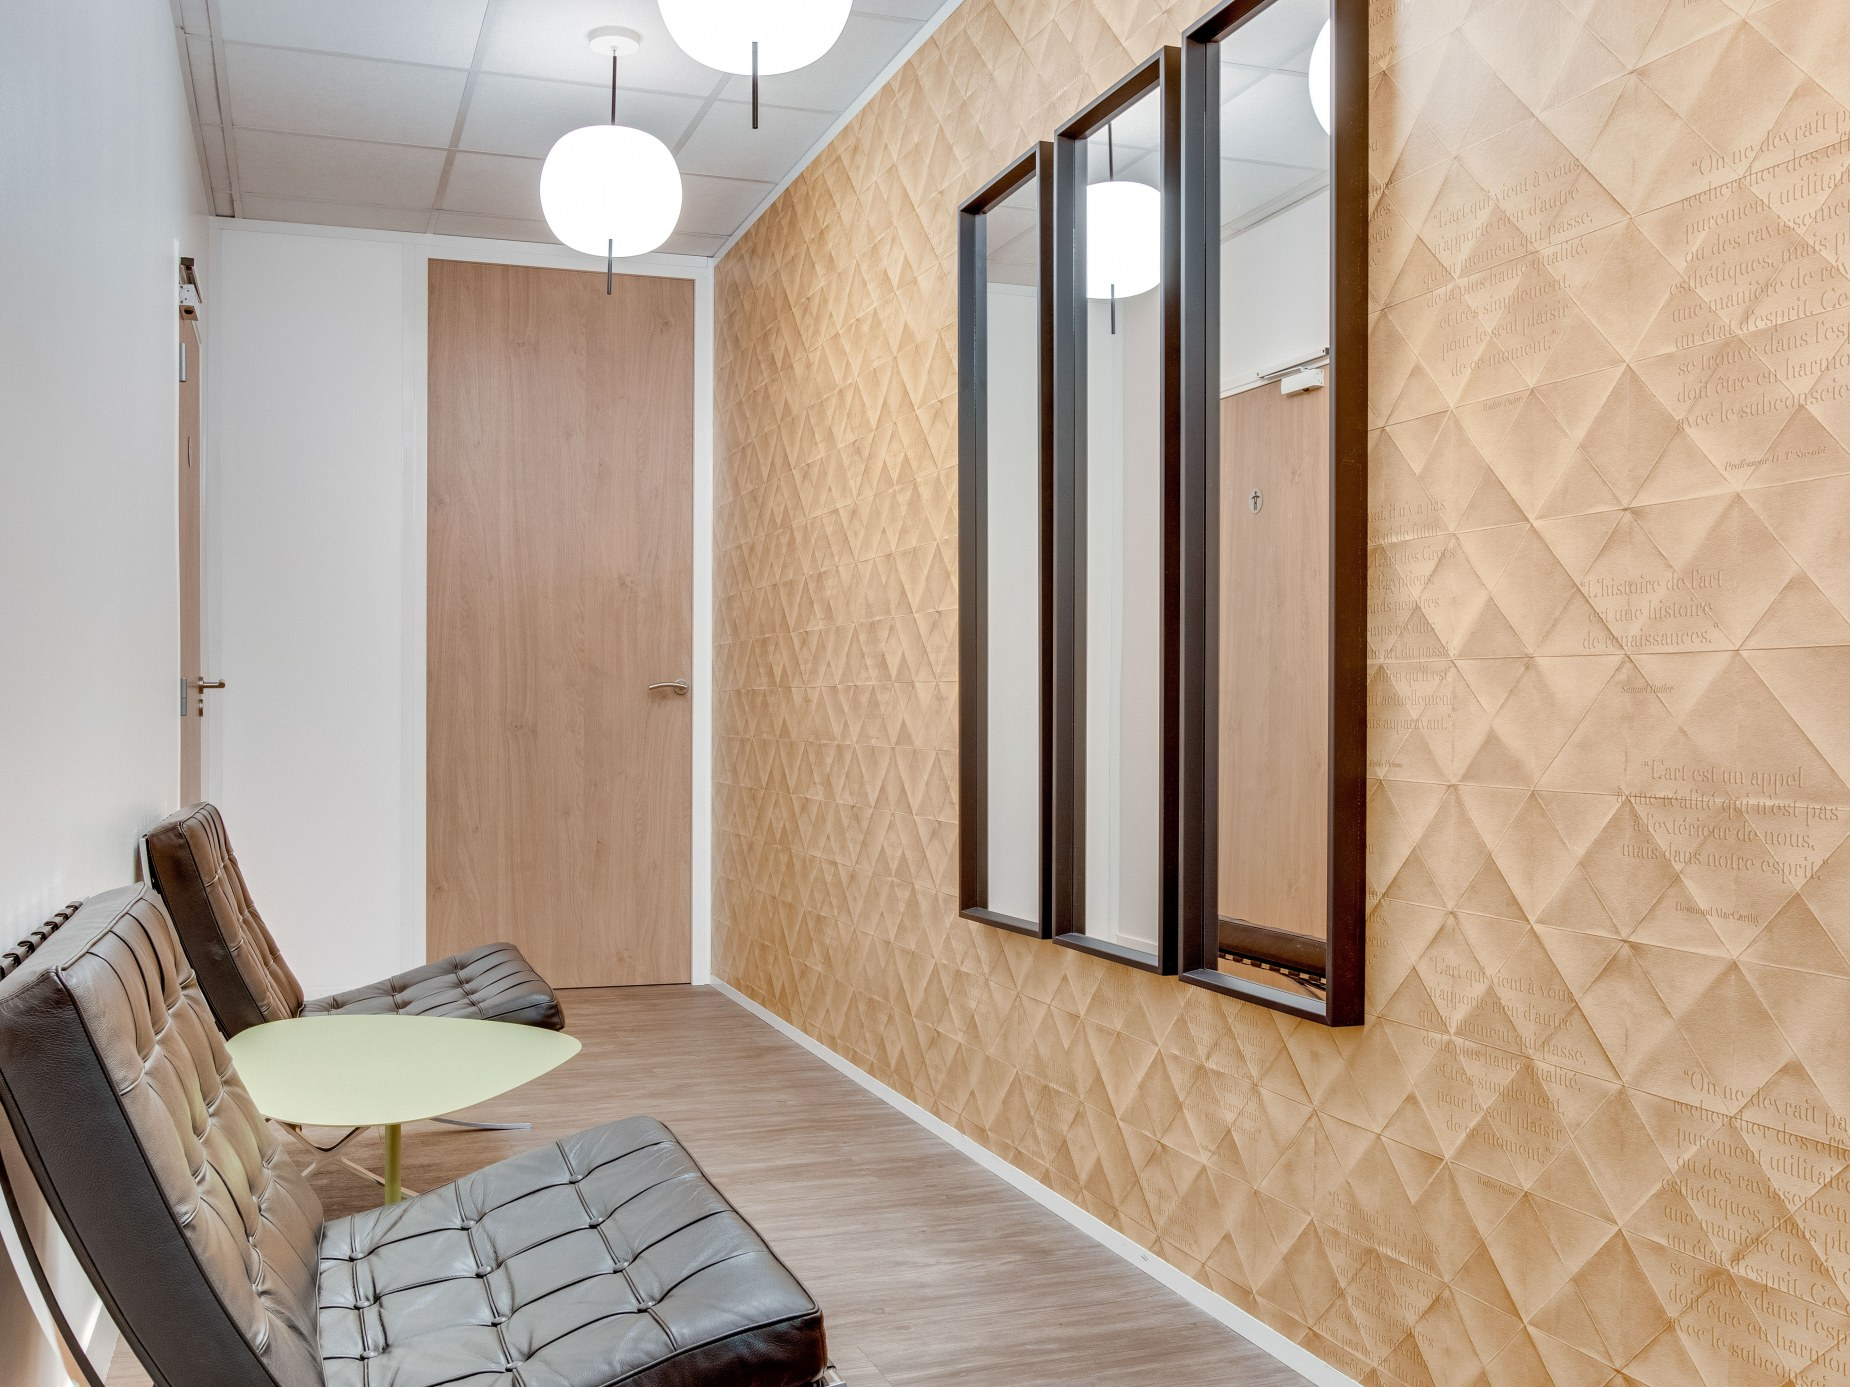 Architecte décorateur intérieur sanitaires entreprise